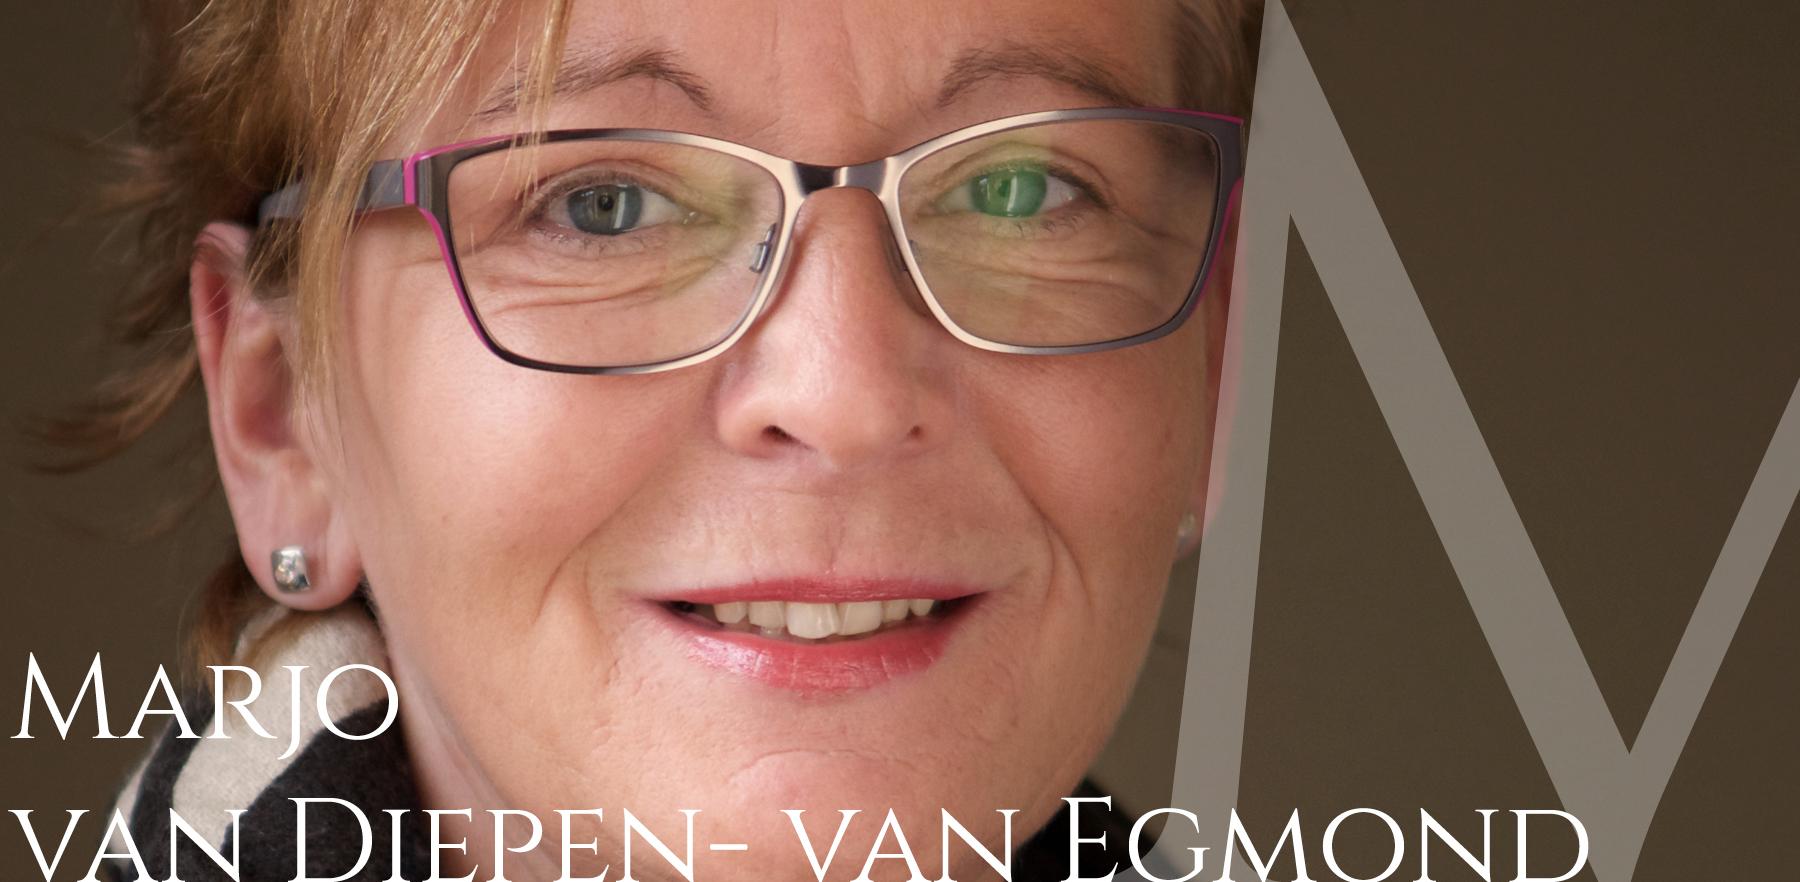 profiel_uitsnede_marjo